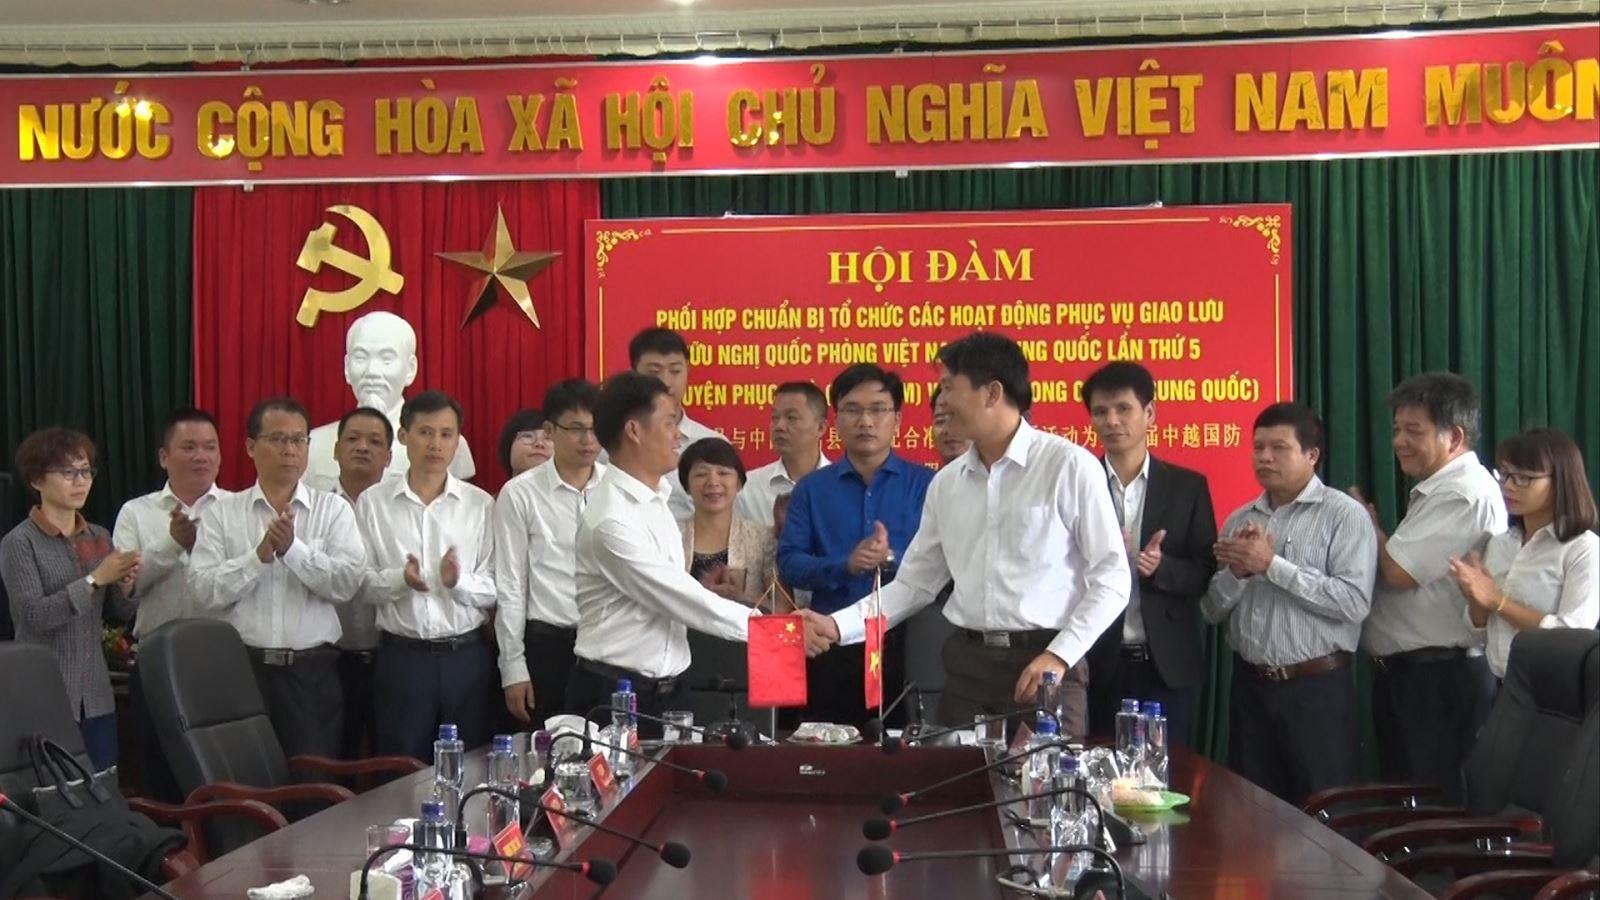 Hội đàm giữa huyện Phục Hòa (Việt Nam) với huyện Long Châu (Trung Quốc)